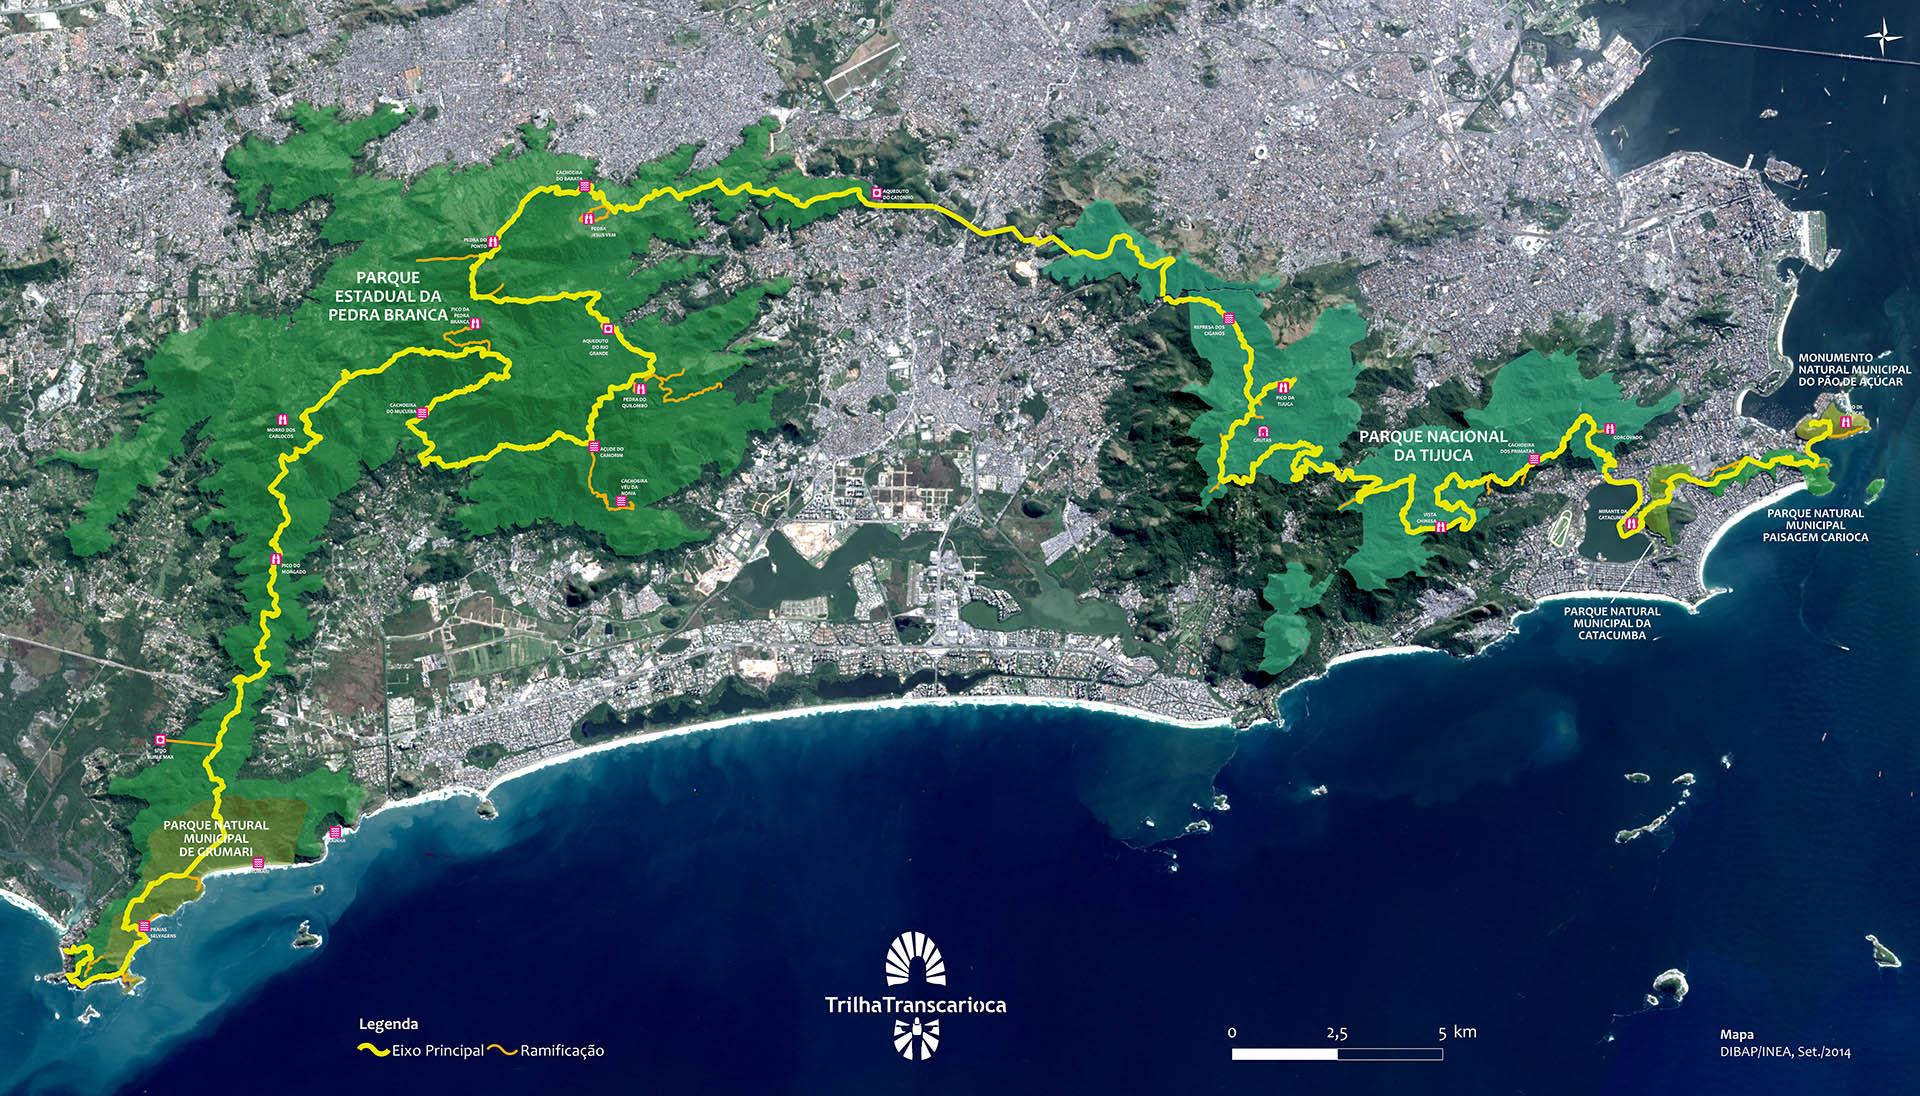 Segurança em trilhas é tema de reunião na Seop